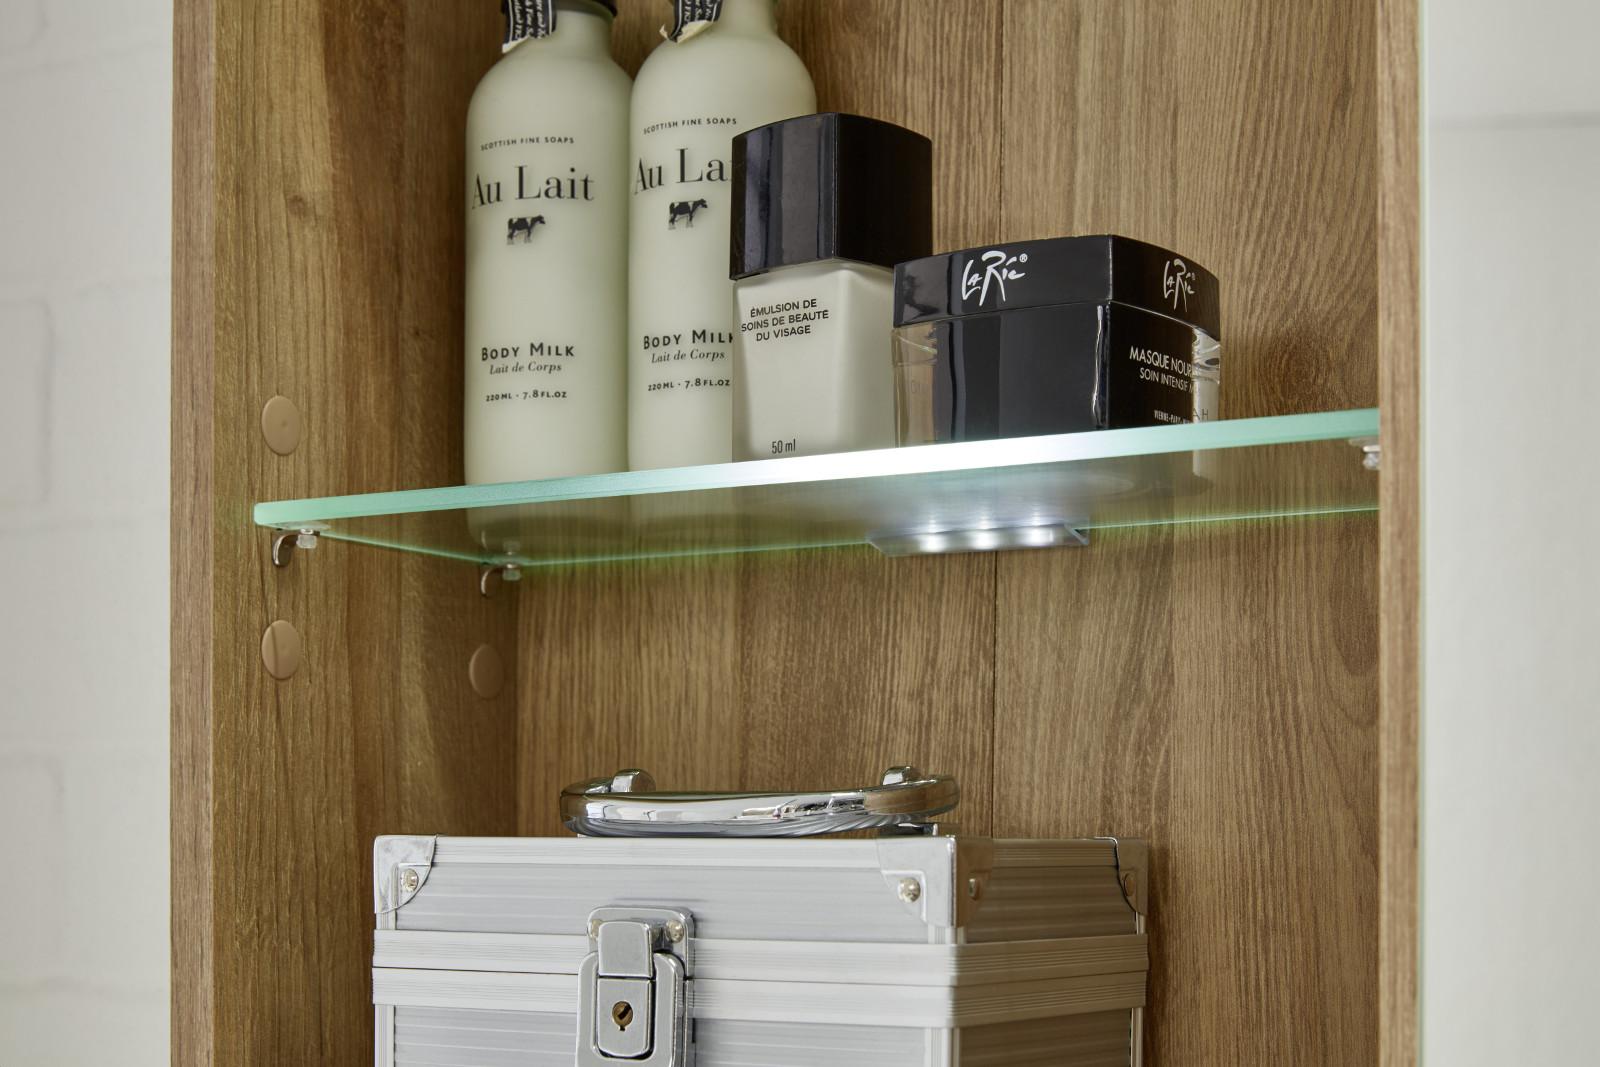 badmöbel komplett set eiche riviera und beton grau, Badezimmer ideen